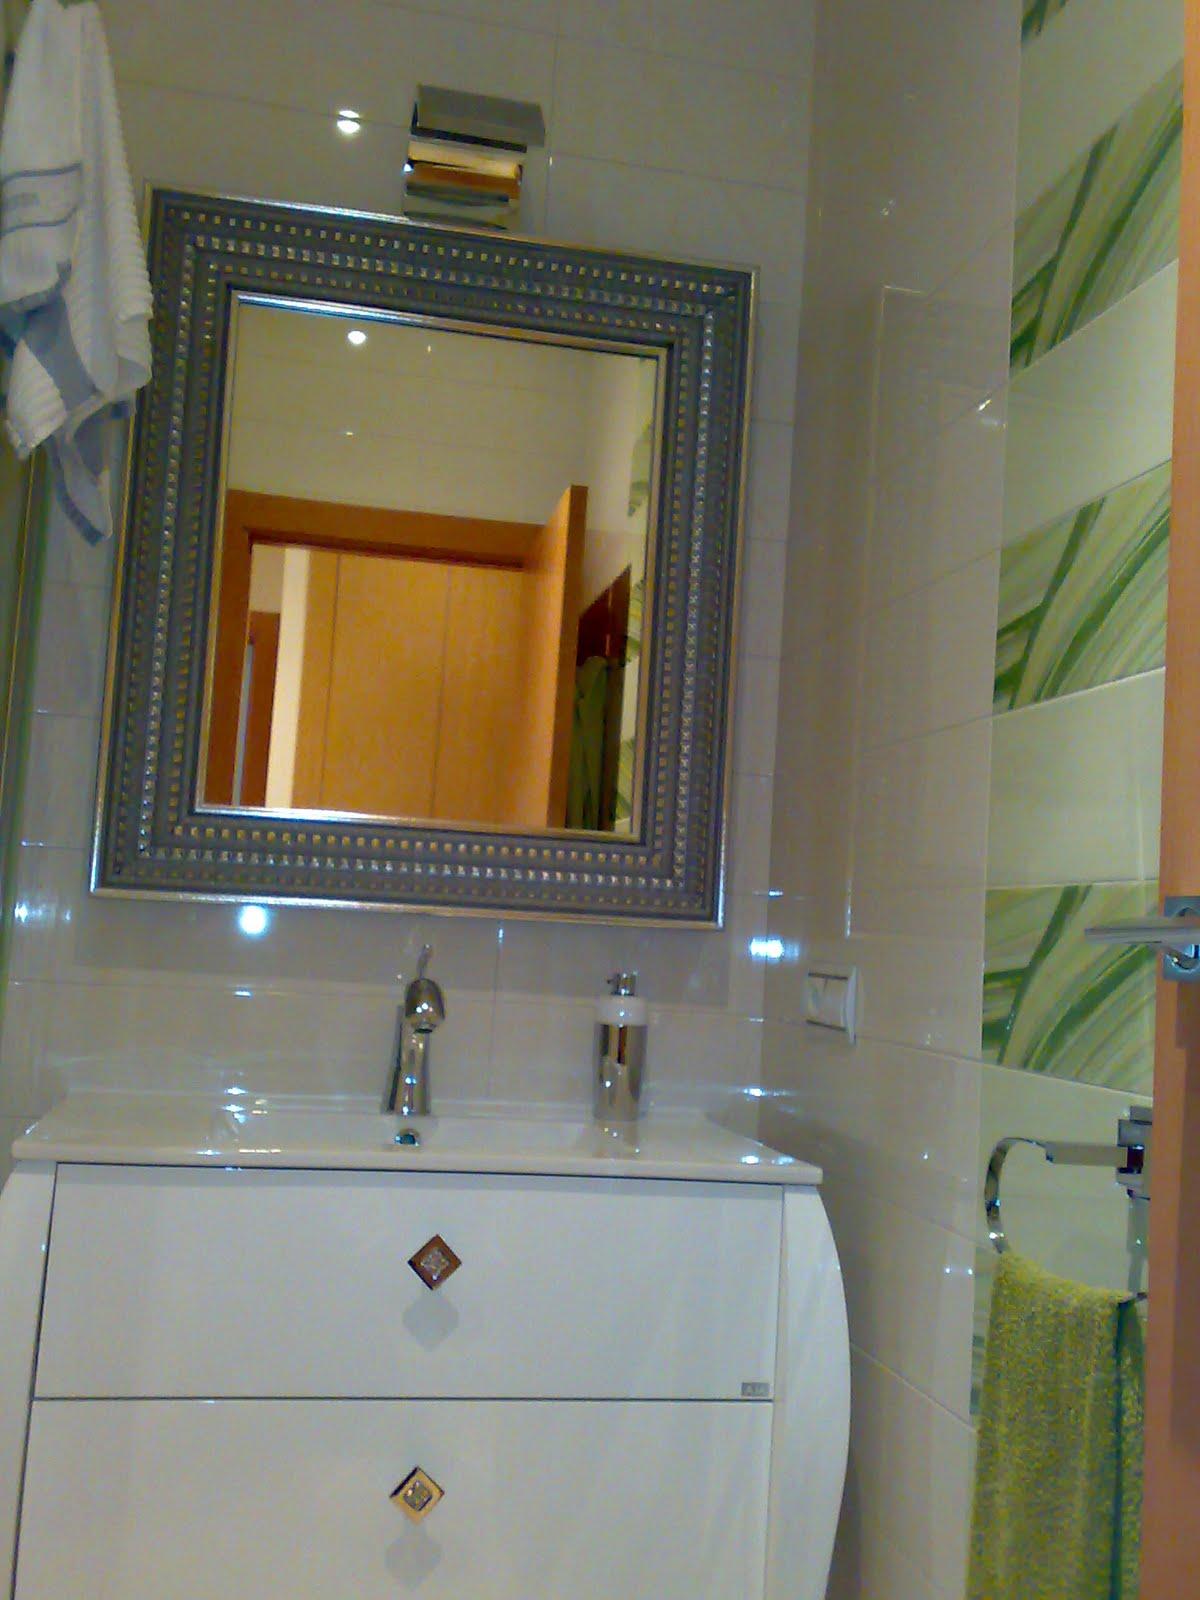 Azulejo Para Baño Verde:BAÑO: Azulejos de gran formato en blanco todo el baño, en verde el